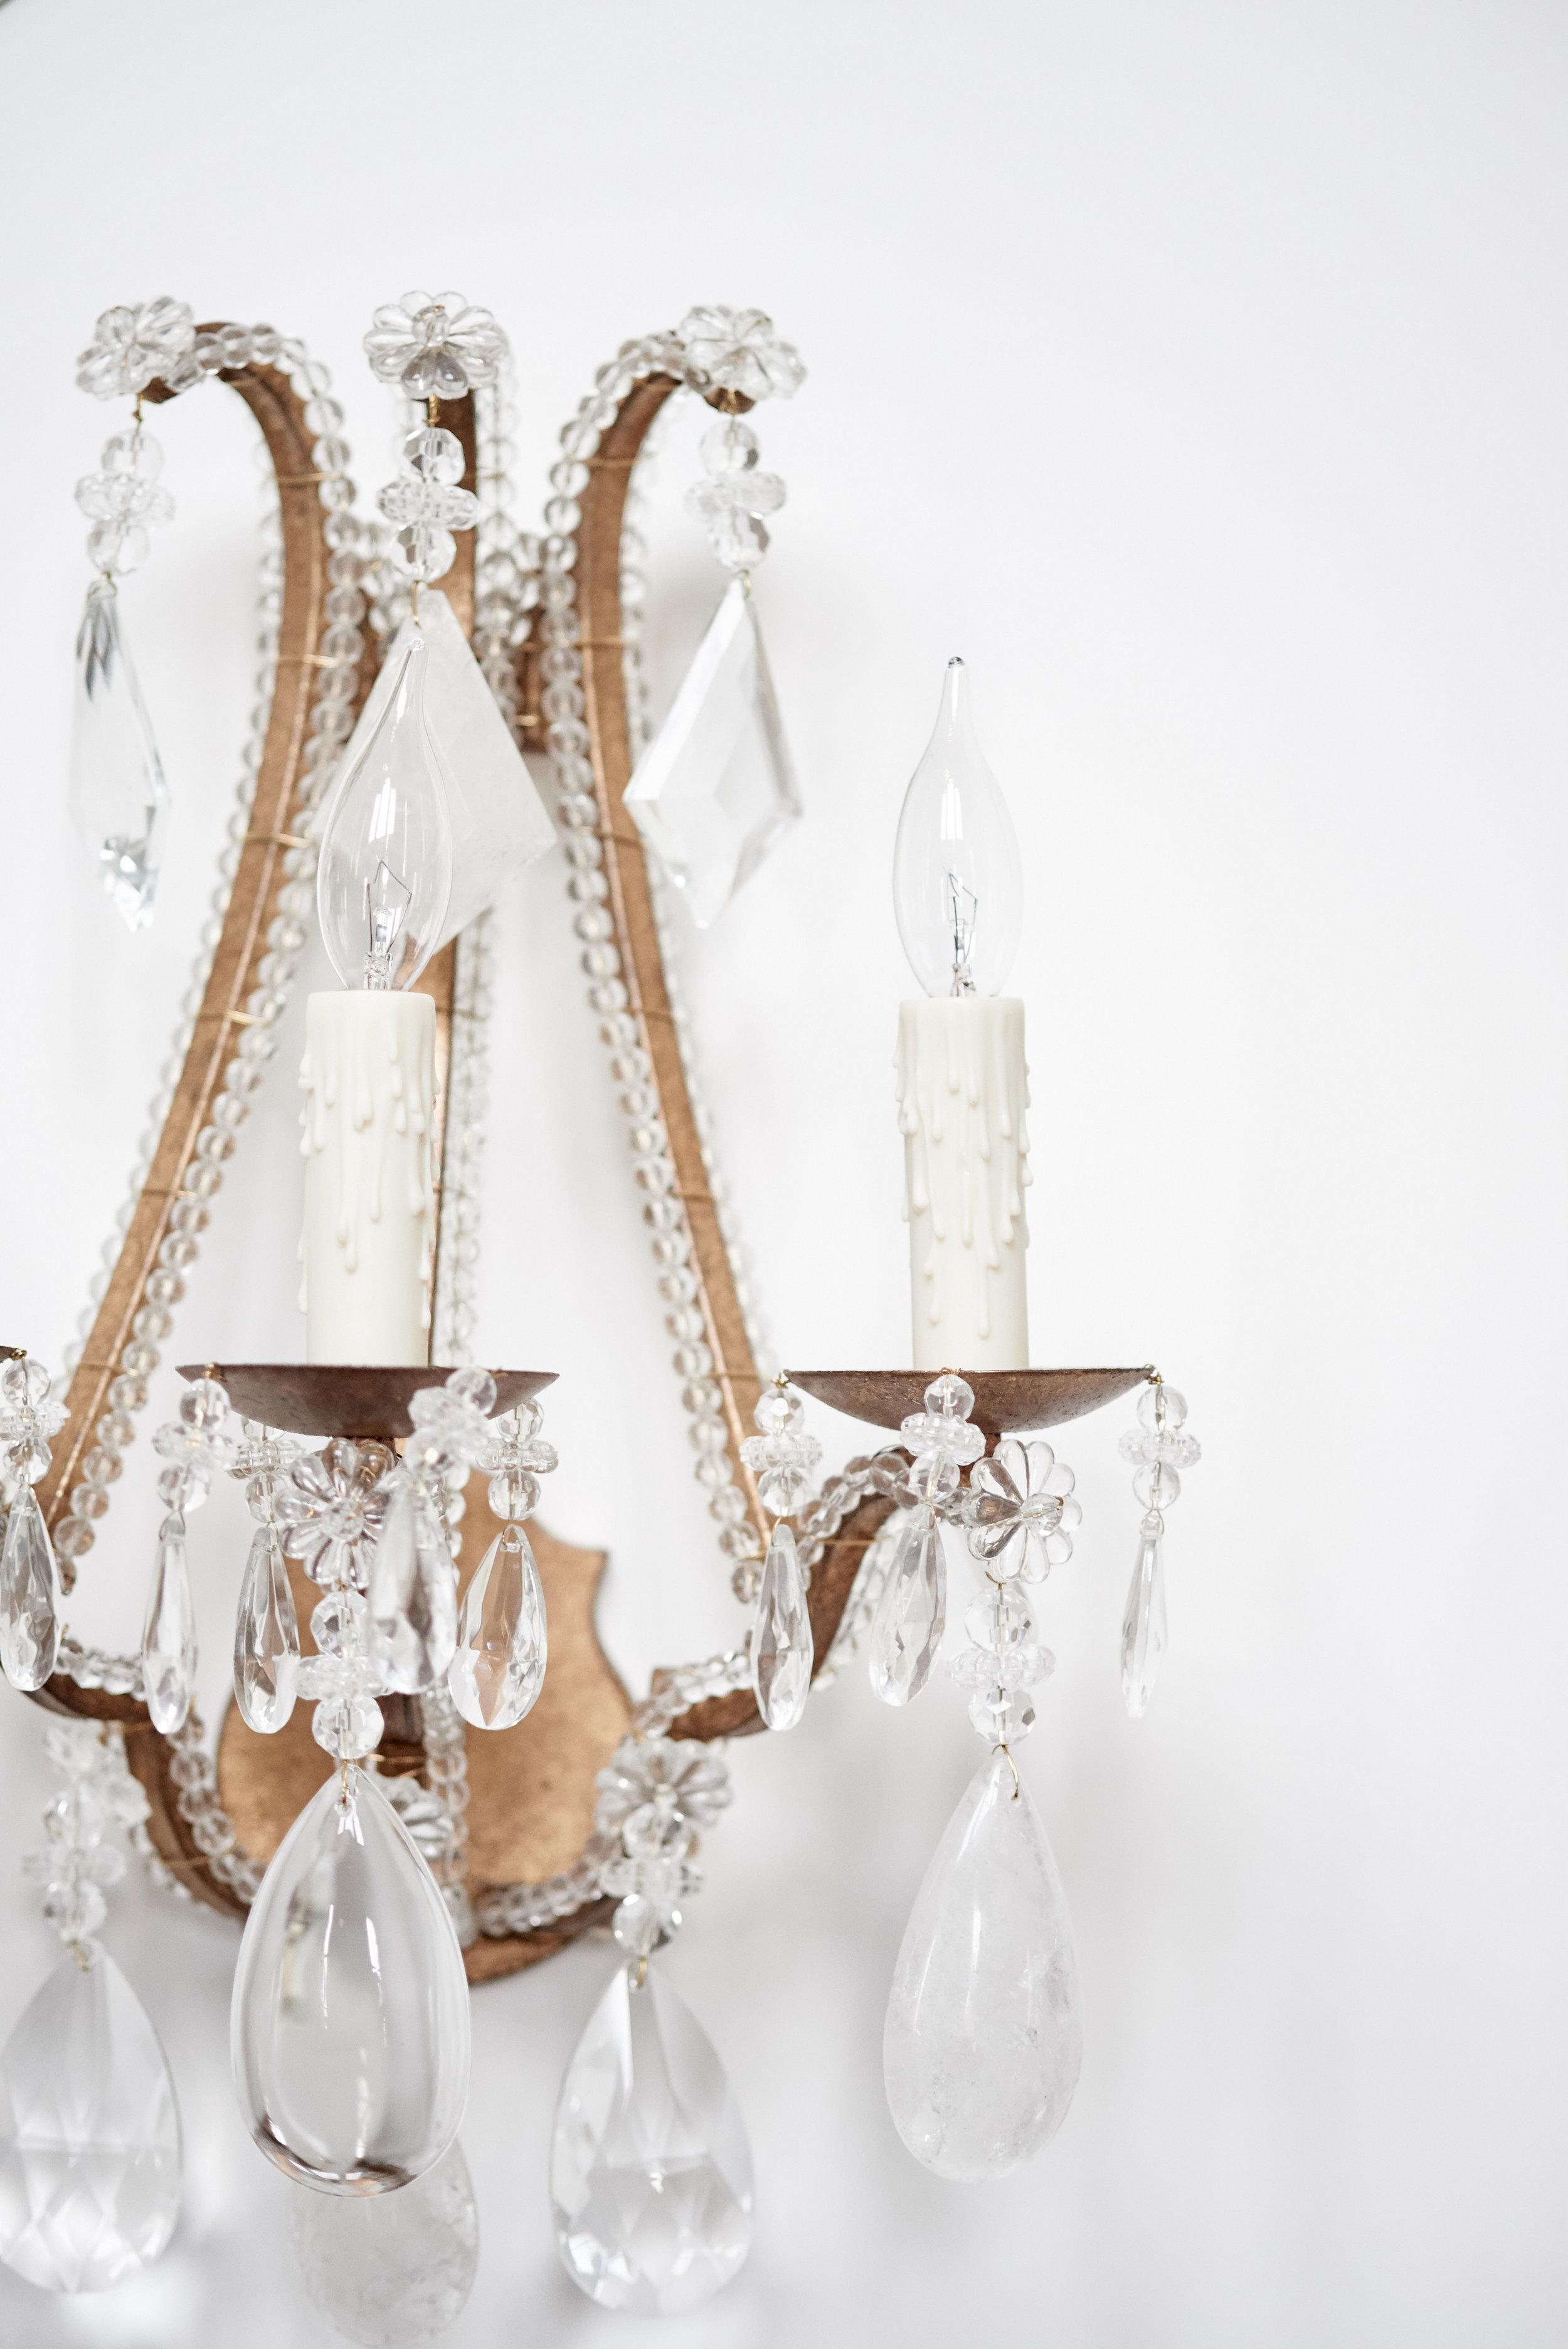 scmurphyllc_Living_room_wall_chandelier.jpg